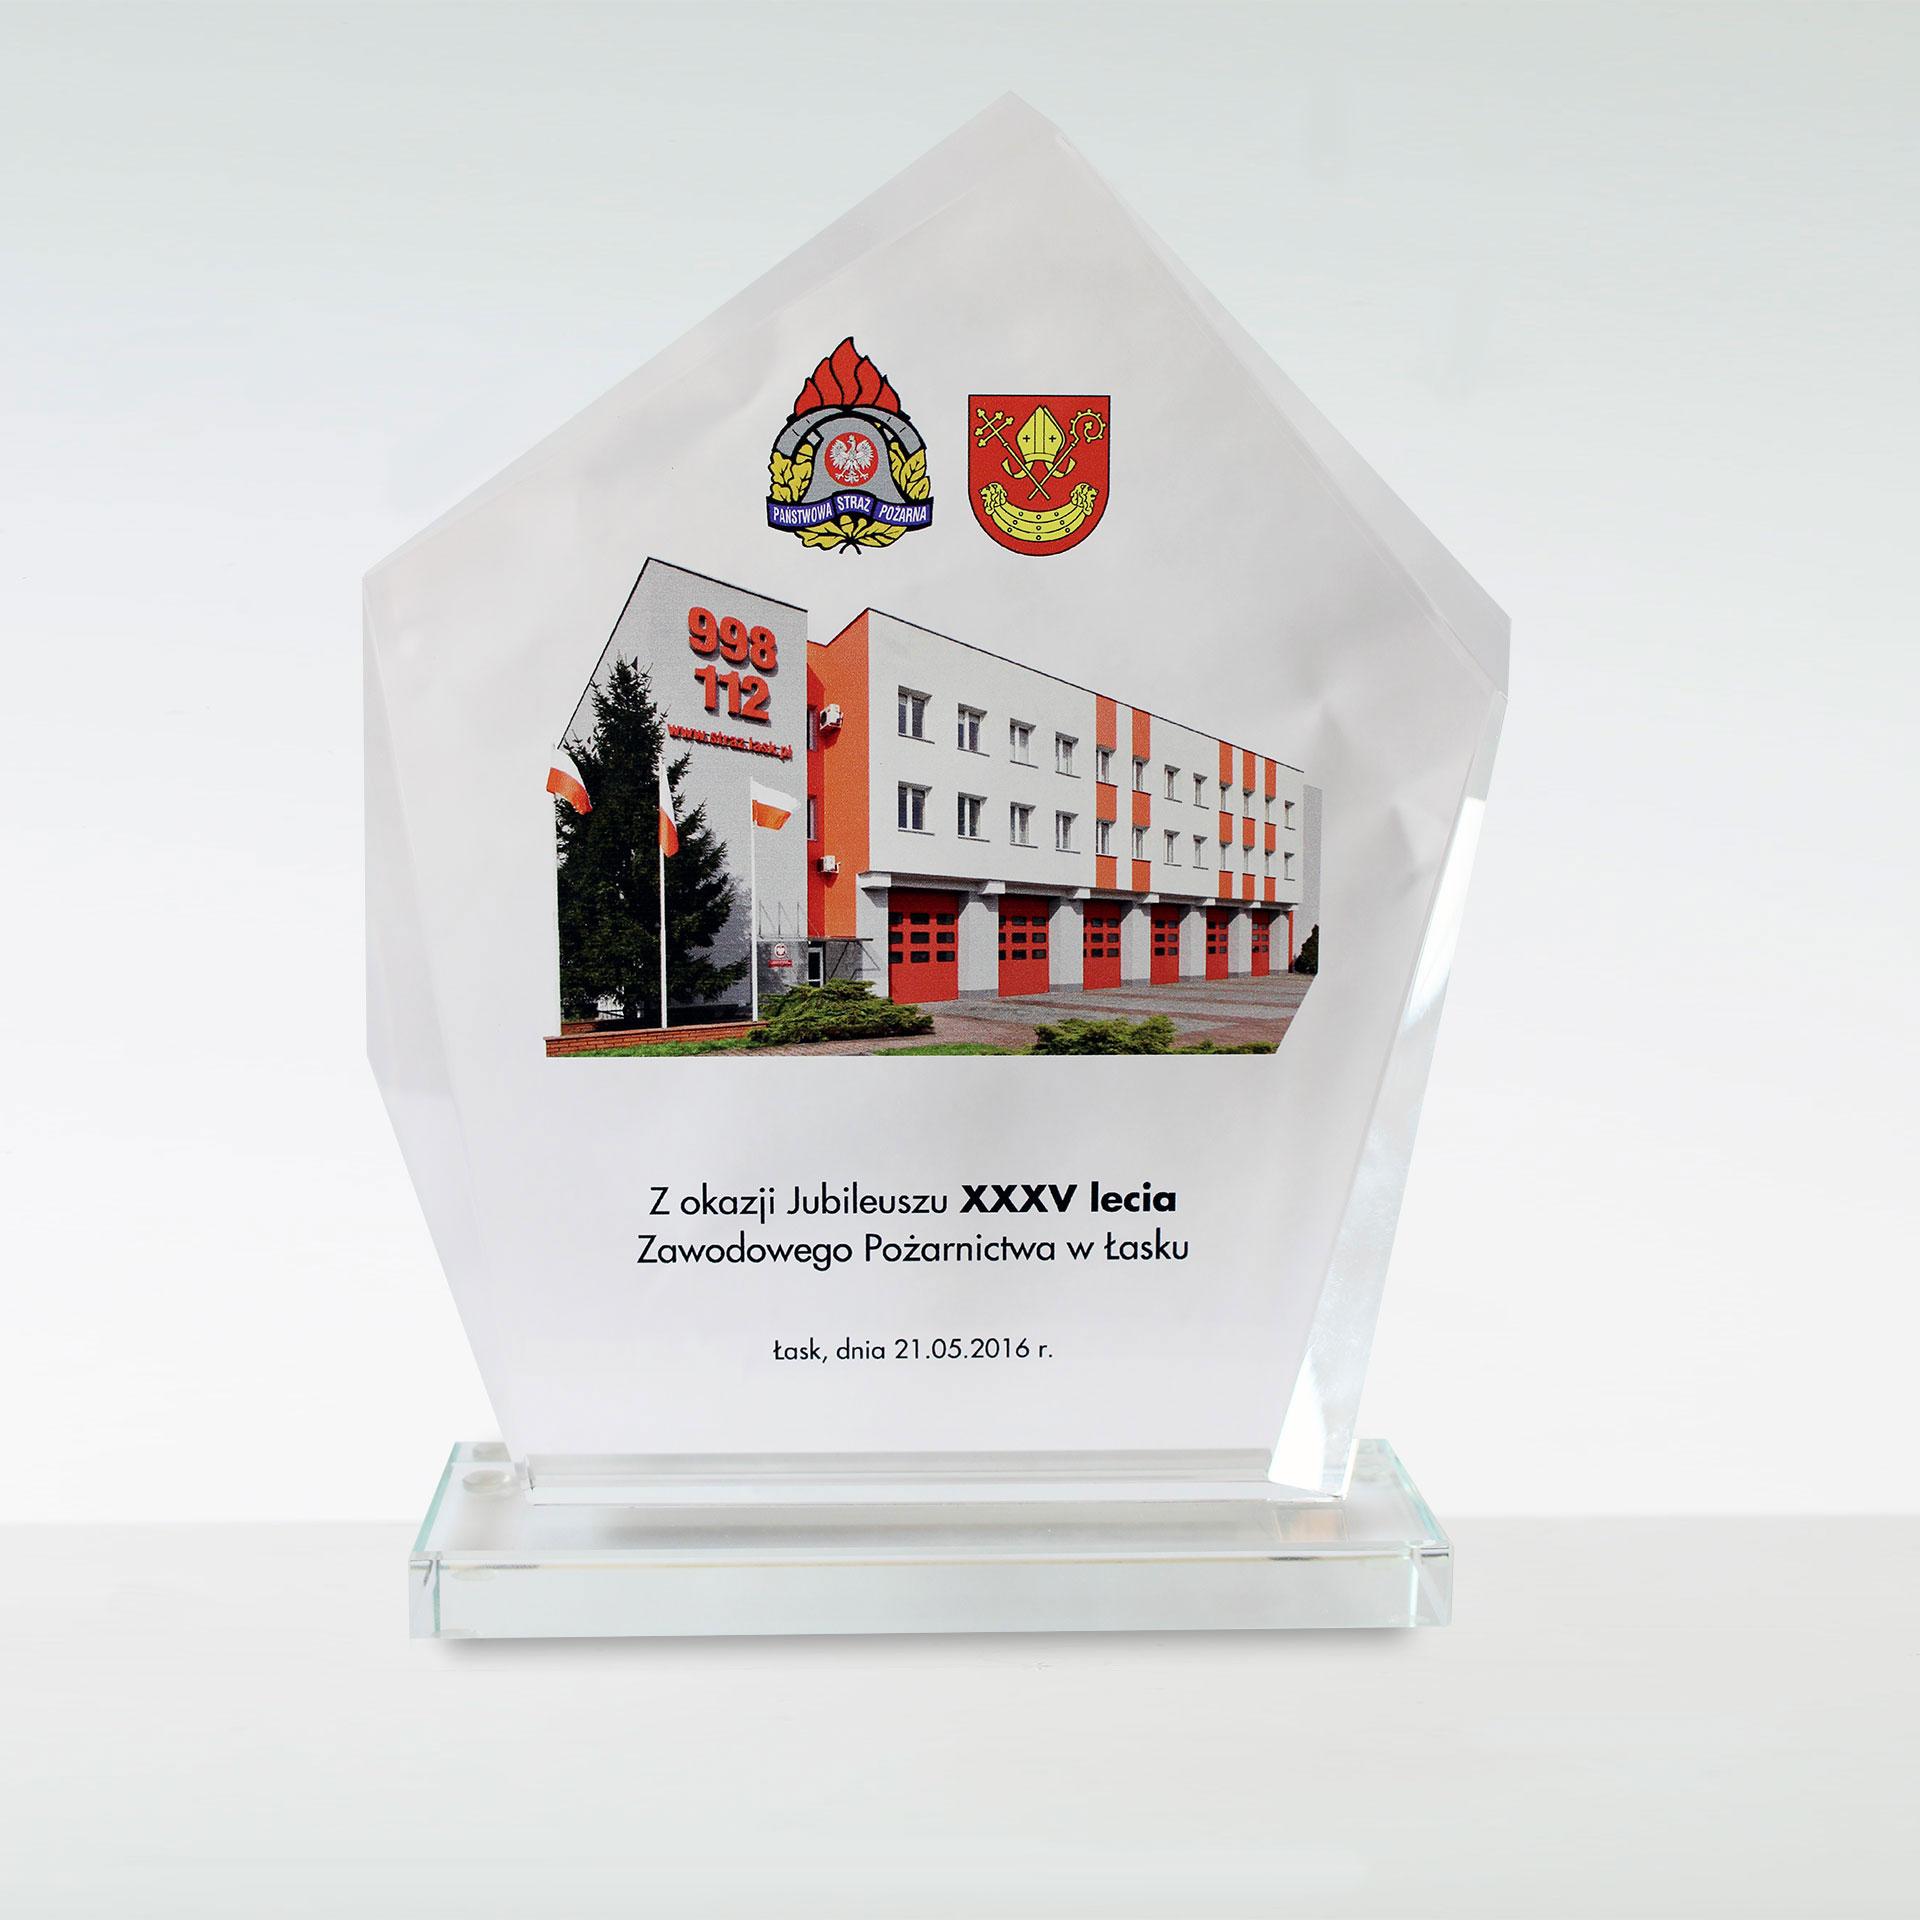 Jubileusz XXXV lecia Zawodowego Pożarnictwa w Łasku